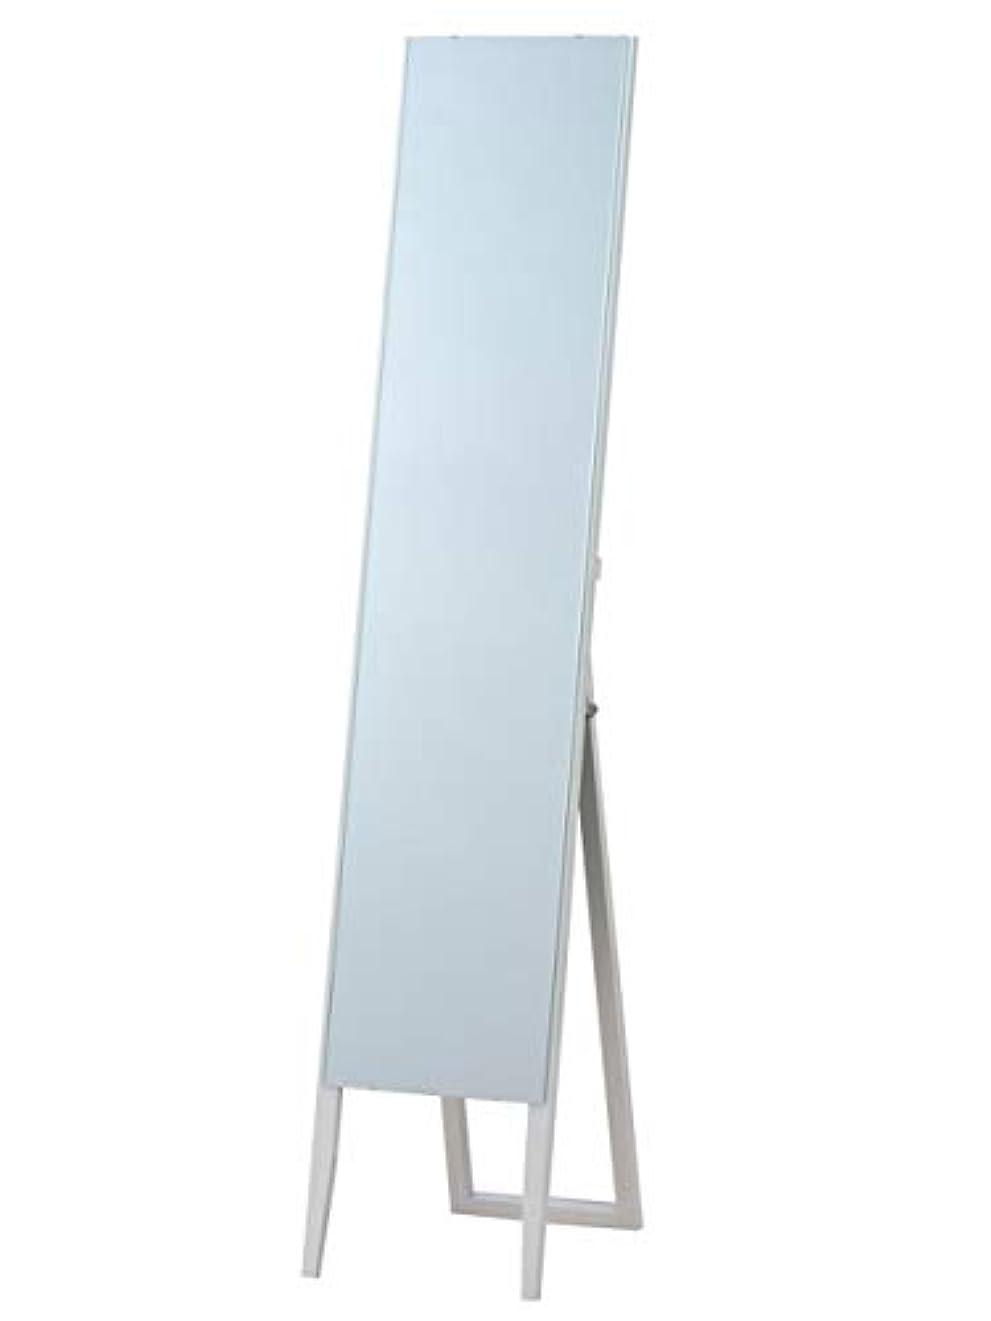 リア王フロー気分が悪い枠なし ノンフレーム スタンドミラー ホワイト(白) 全身鏡 幅30cm x 高さ150cm 飛散防止 シンプル ミラー ショップ 催事 百貨店 店舗 姿見